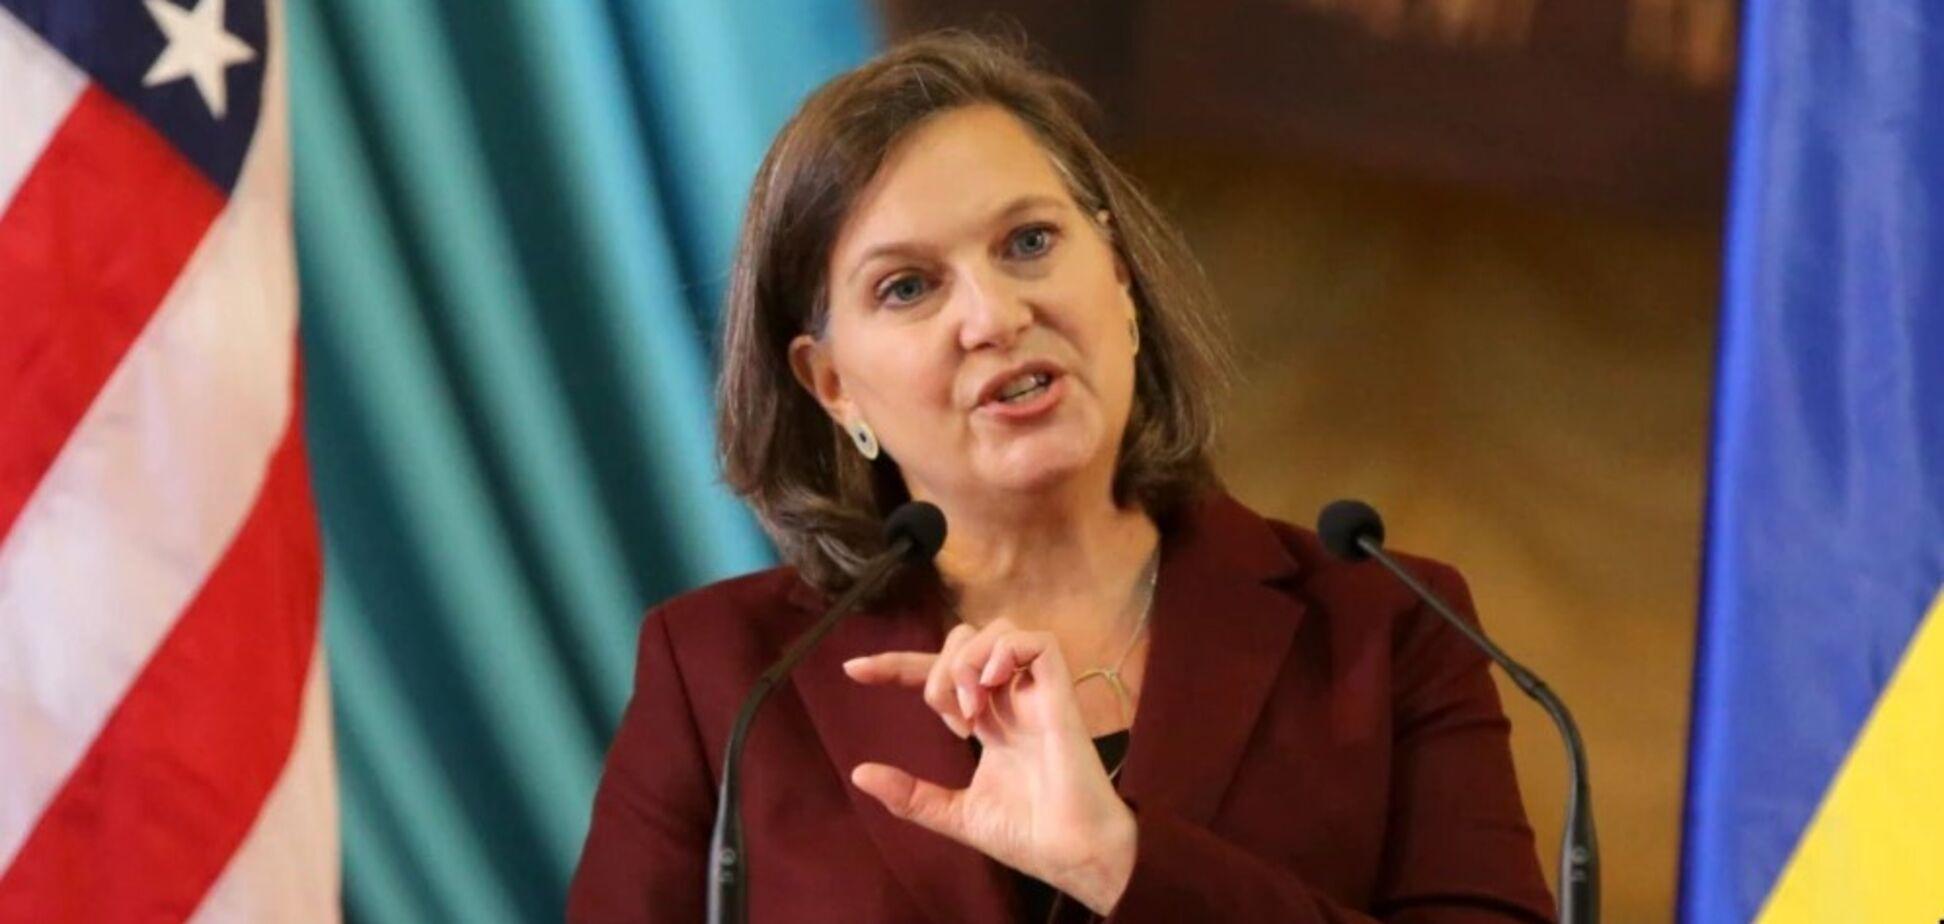 Вікторія Нуланд сказала, коли США послаблять санкції проти Росії